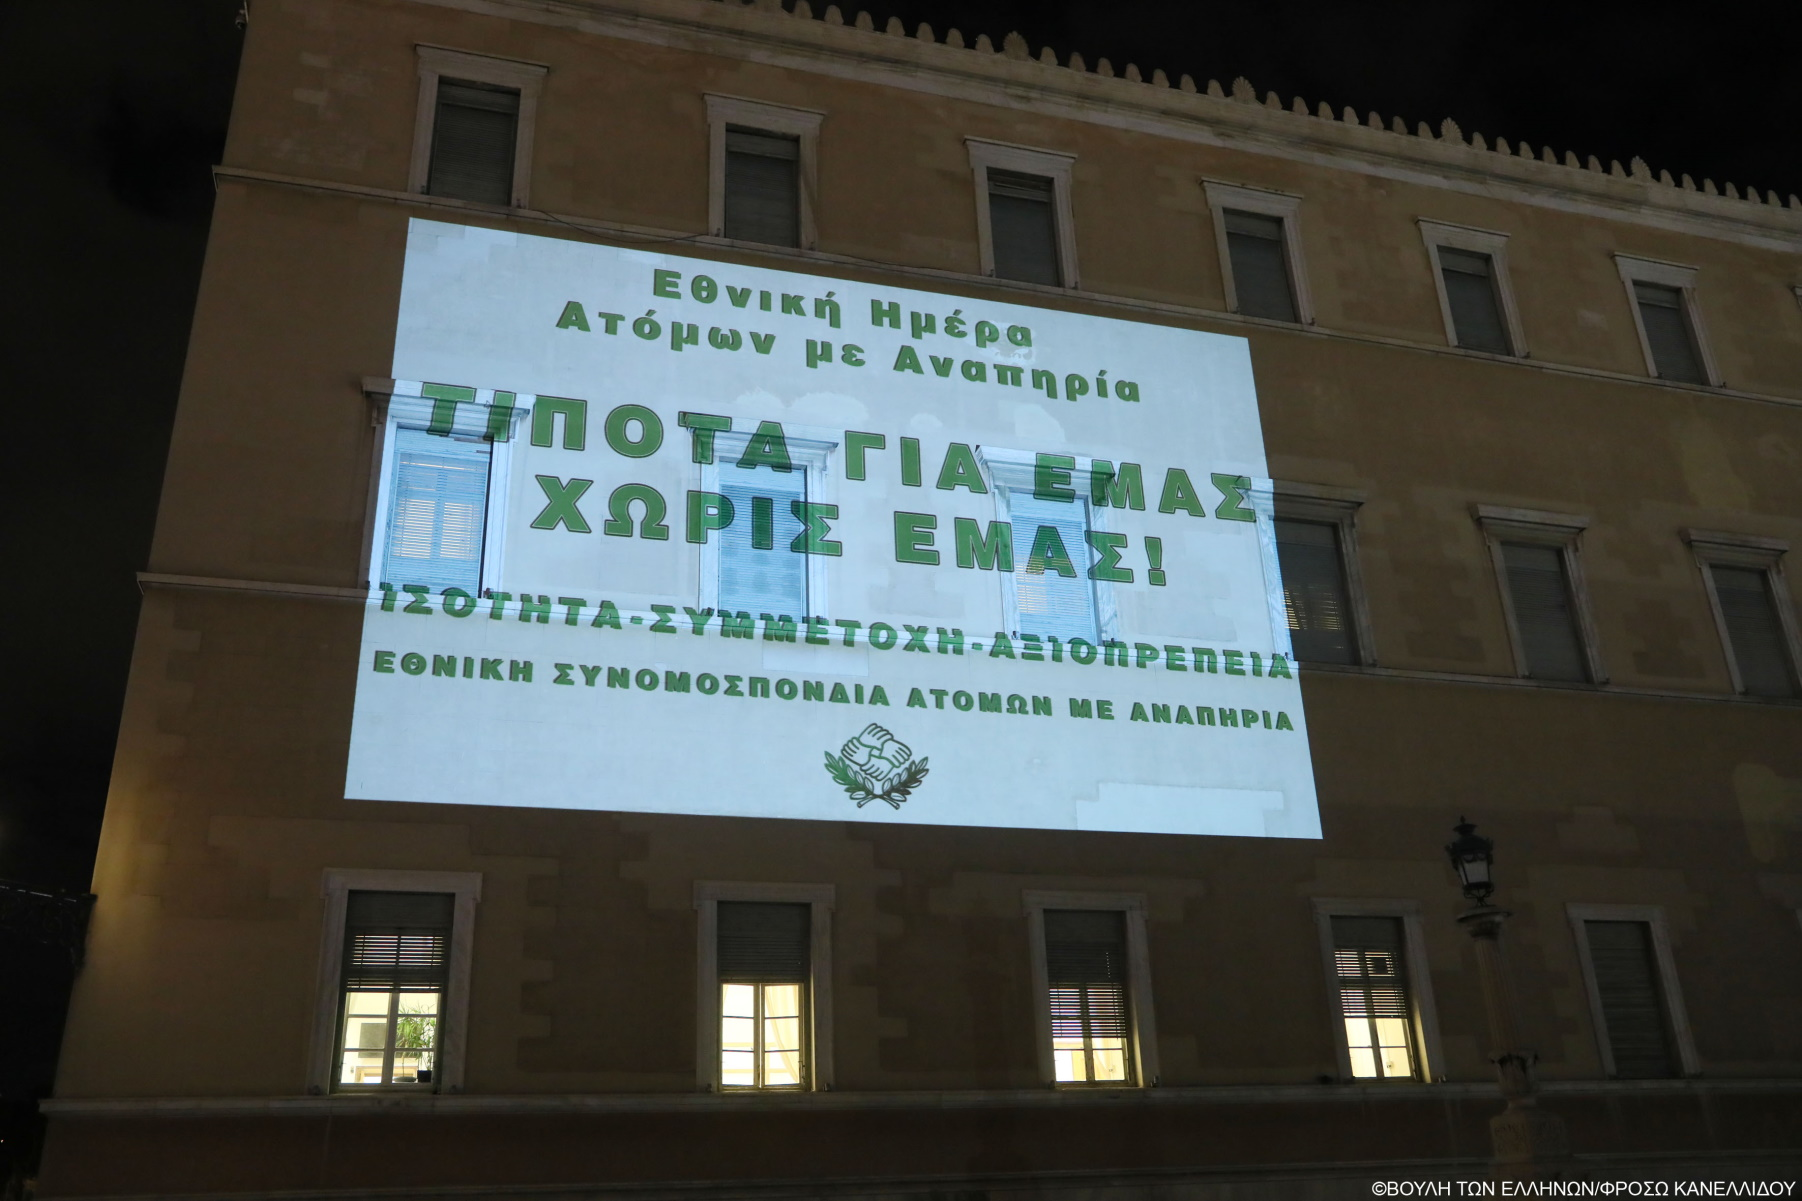 Η Βουλή των Ελλήνων φωταγωγήθηκε για την Παγκόσμια Ημέρα Ατόμων με Αναπηρία